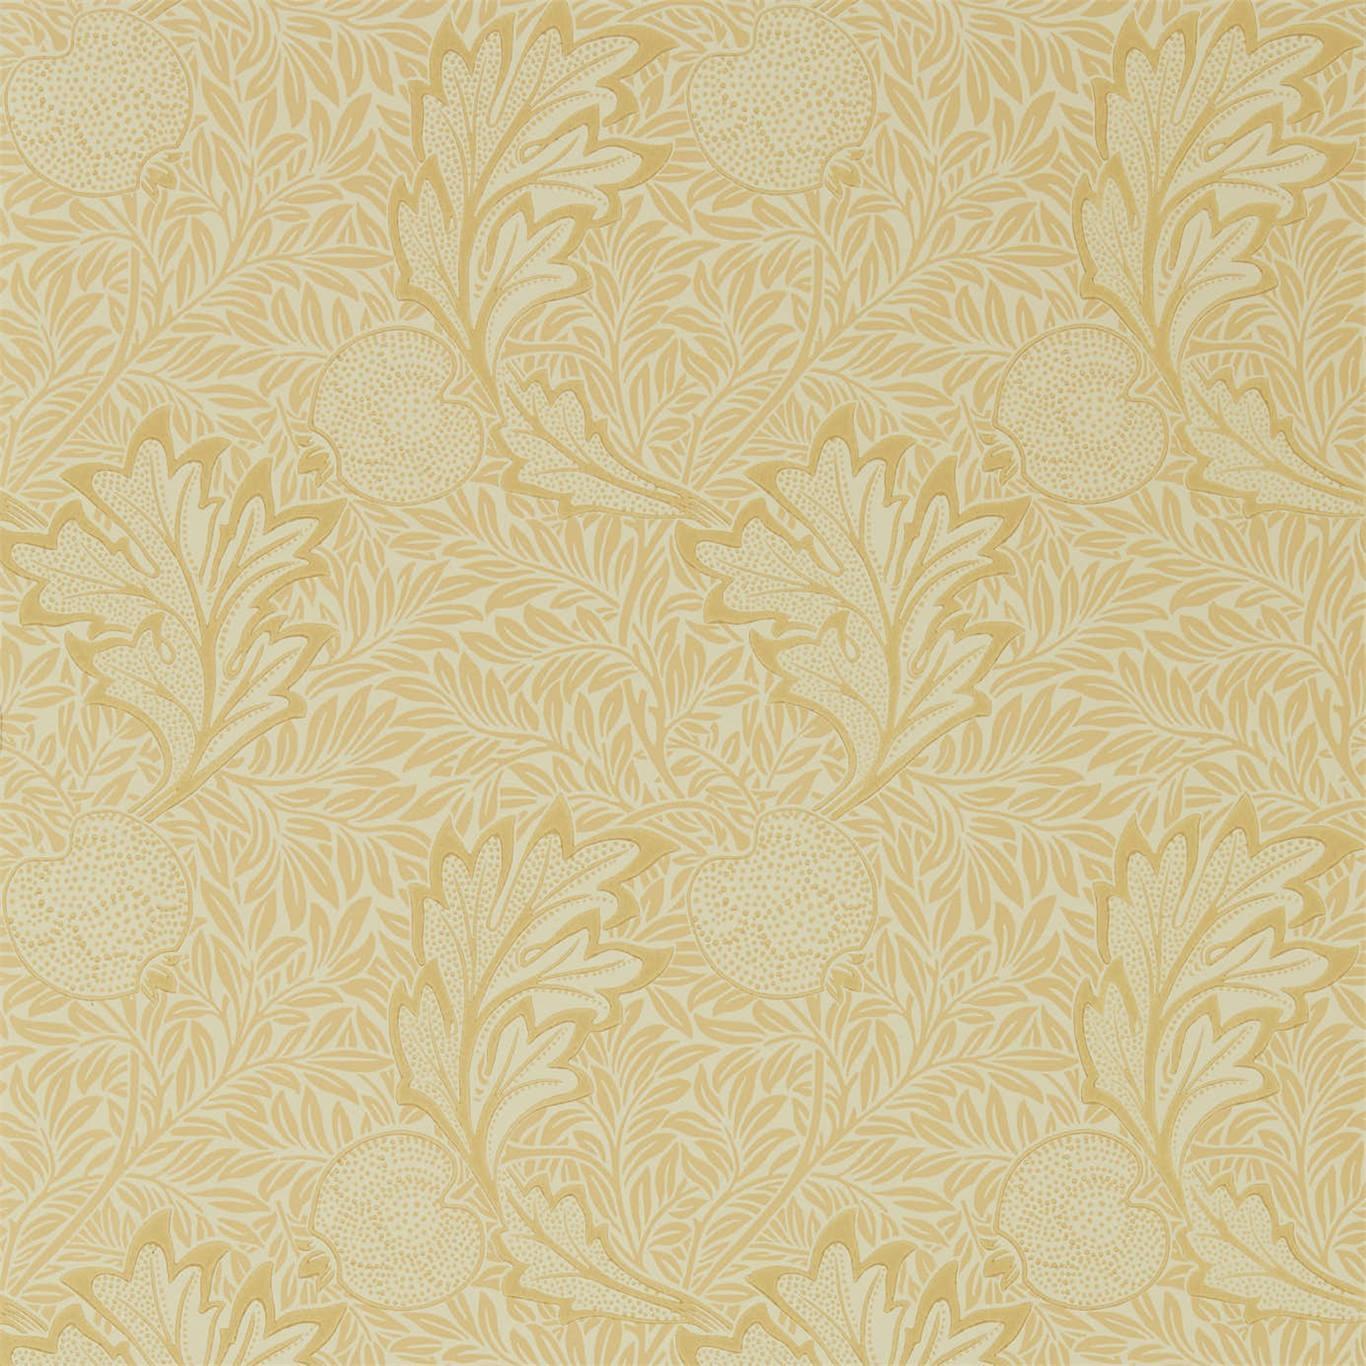 Image of Morris & Co Apple Honey Gold Wallpaper 216691